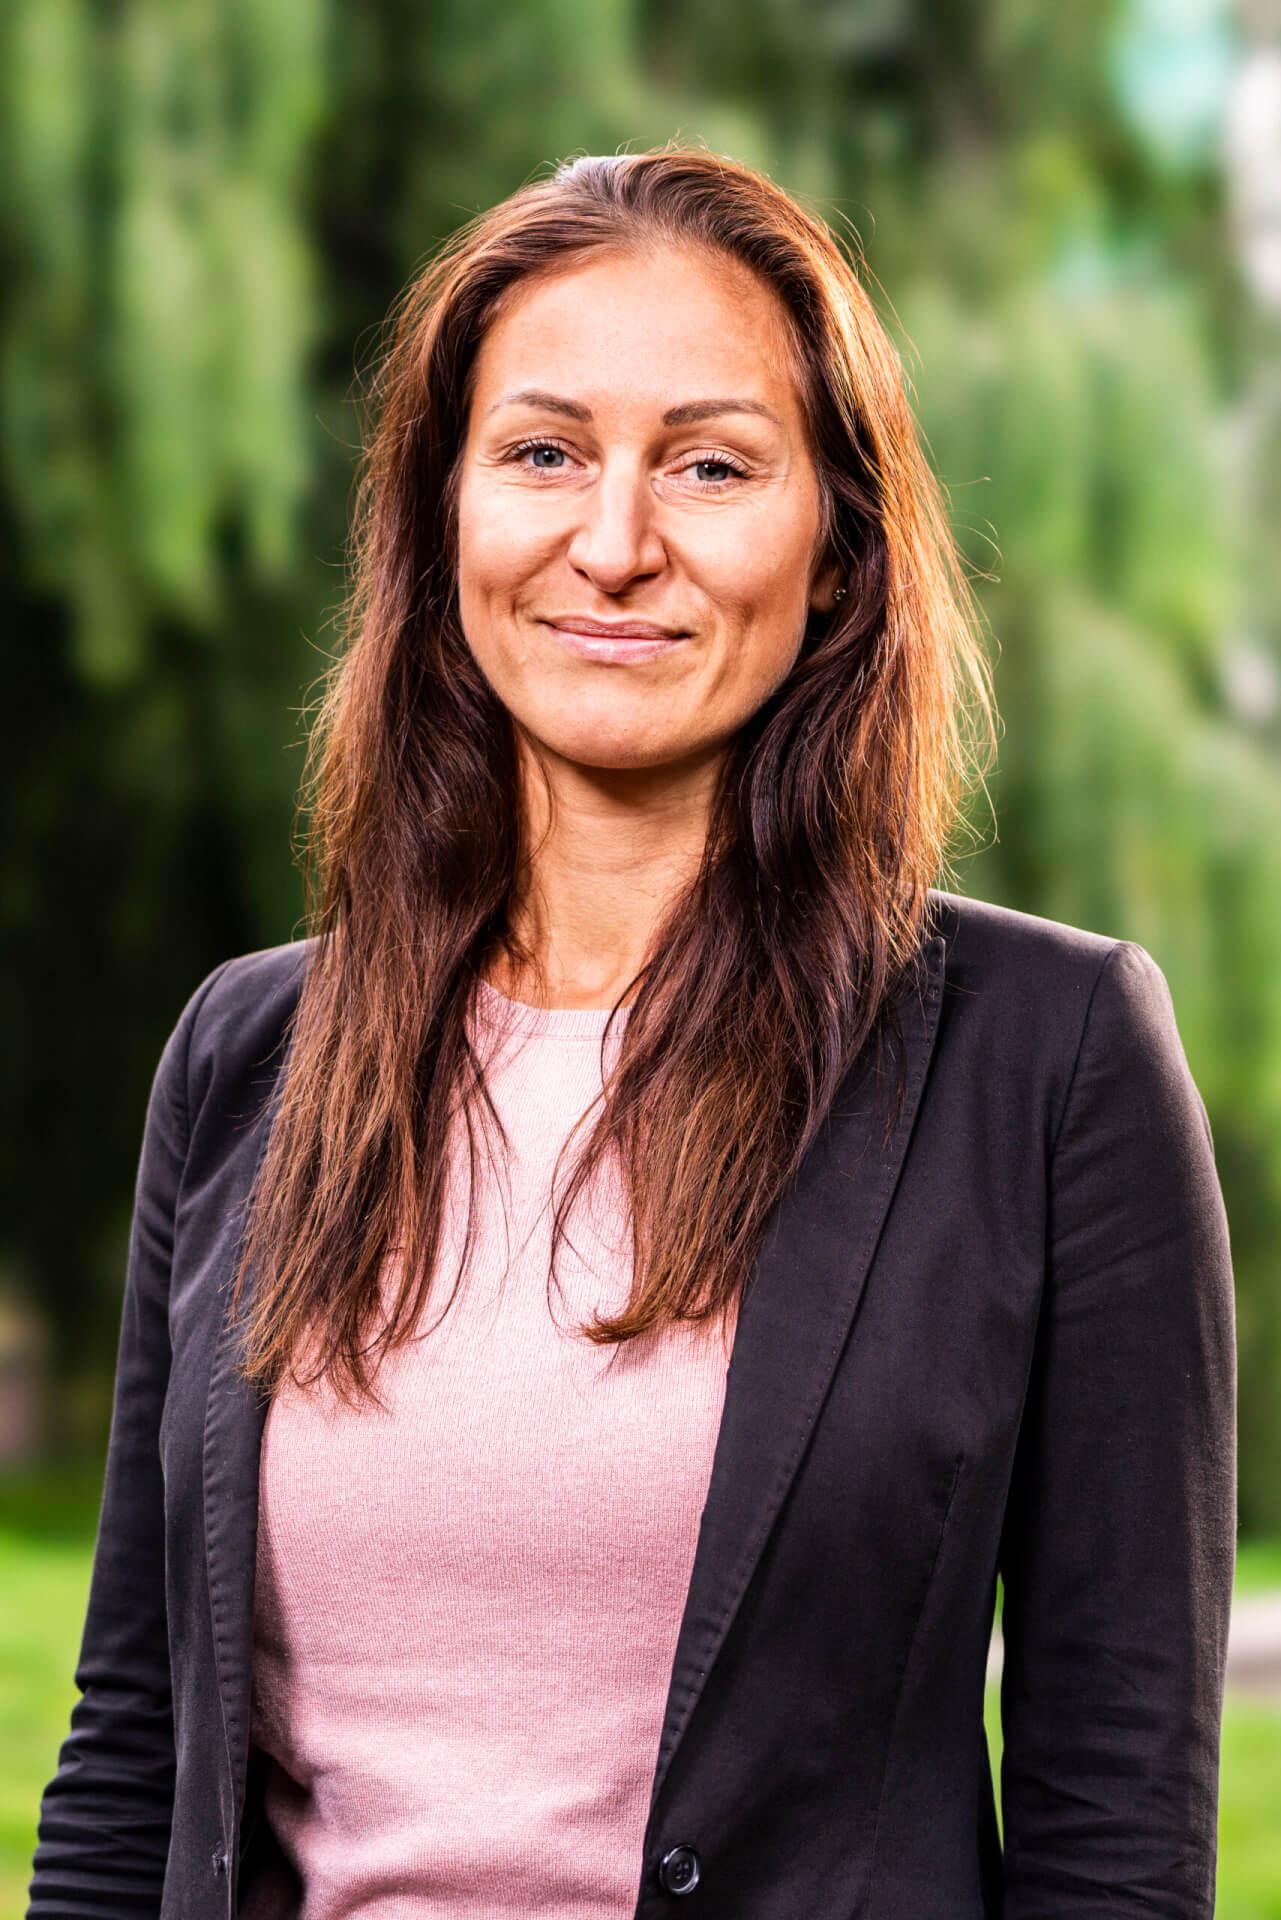 Isabella Söderstedt